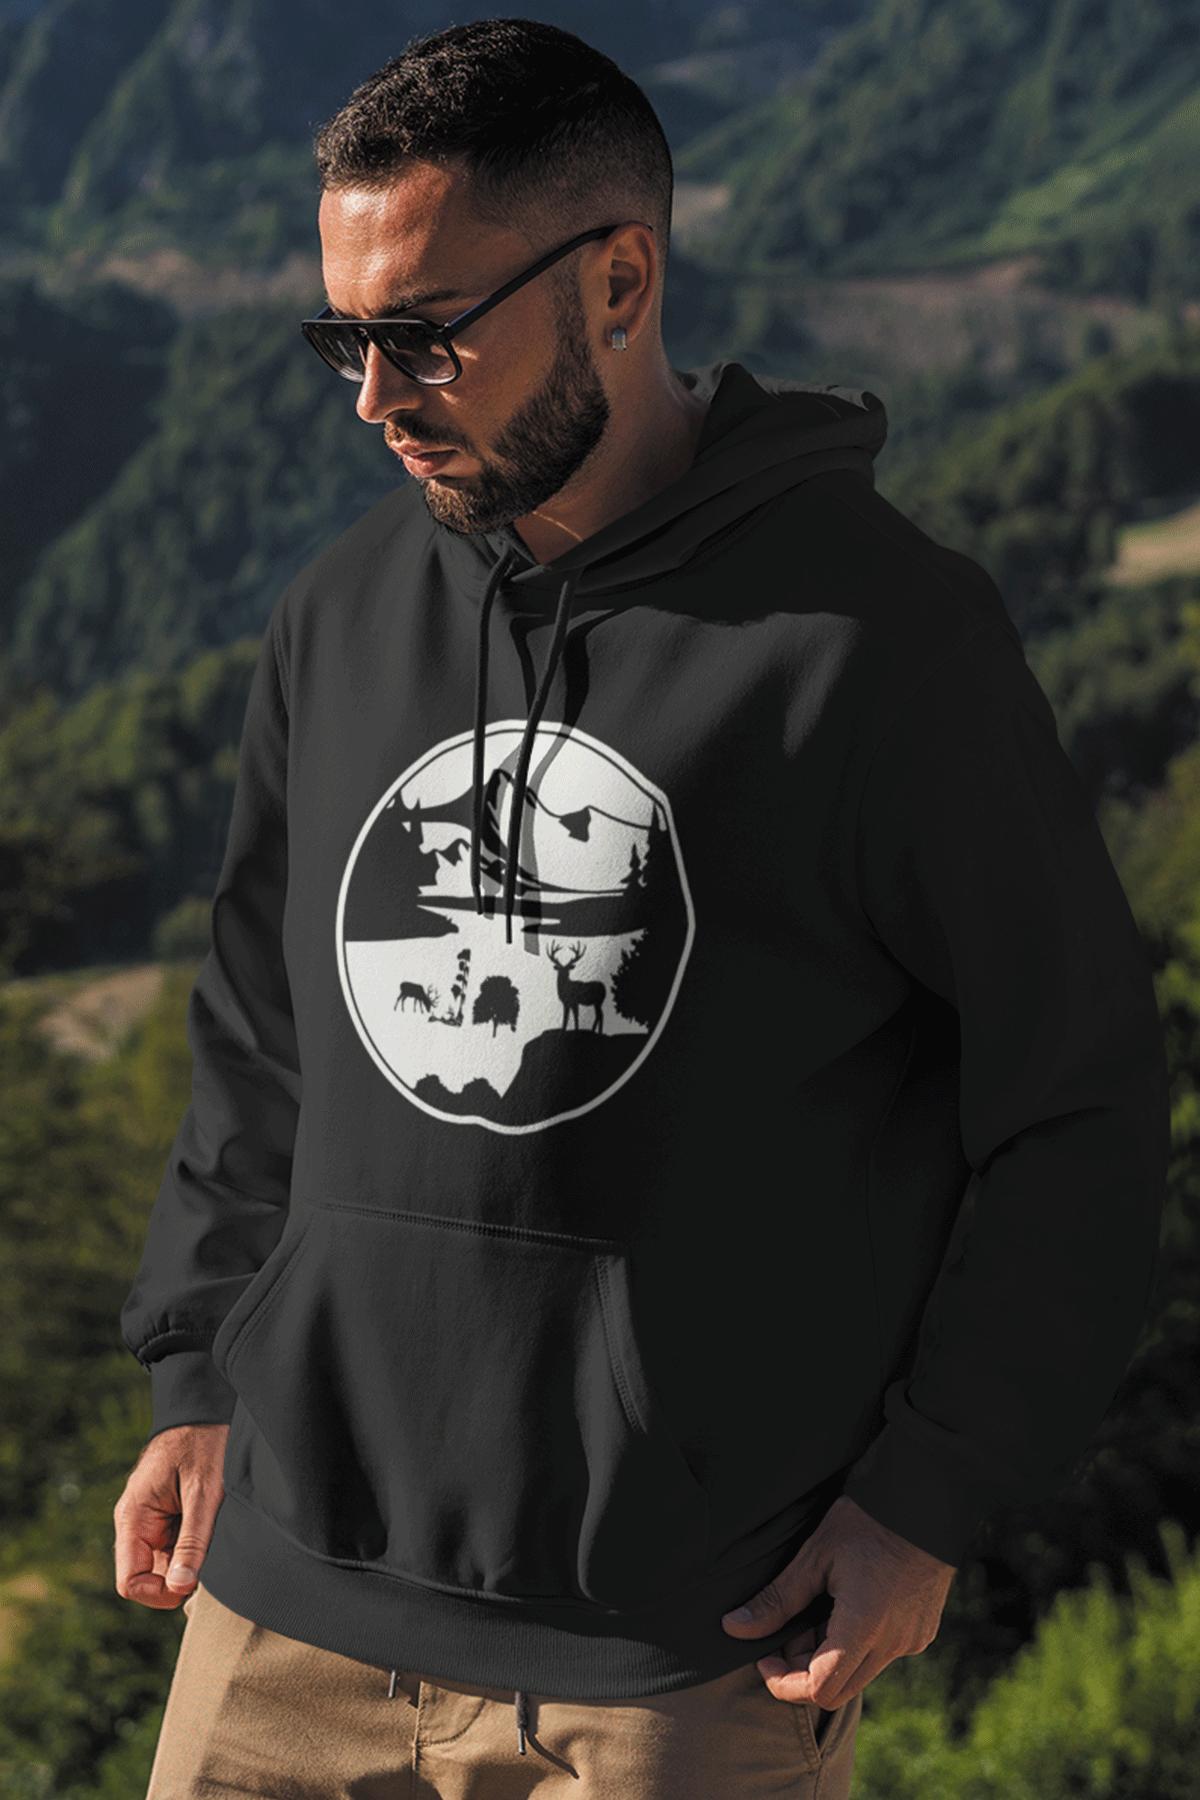 View Siyah Erkek Kapşonlu Sweatshirt - Hoodie